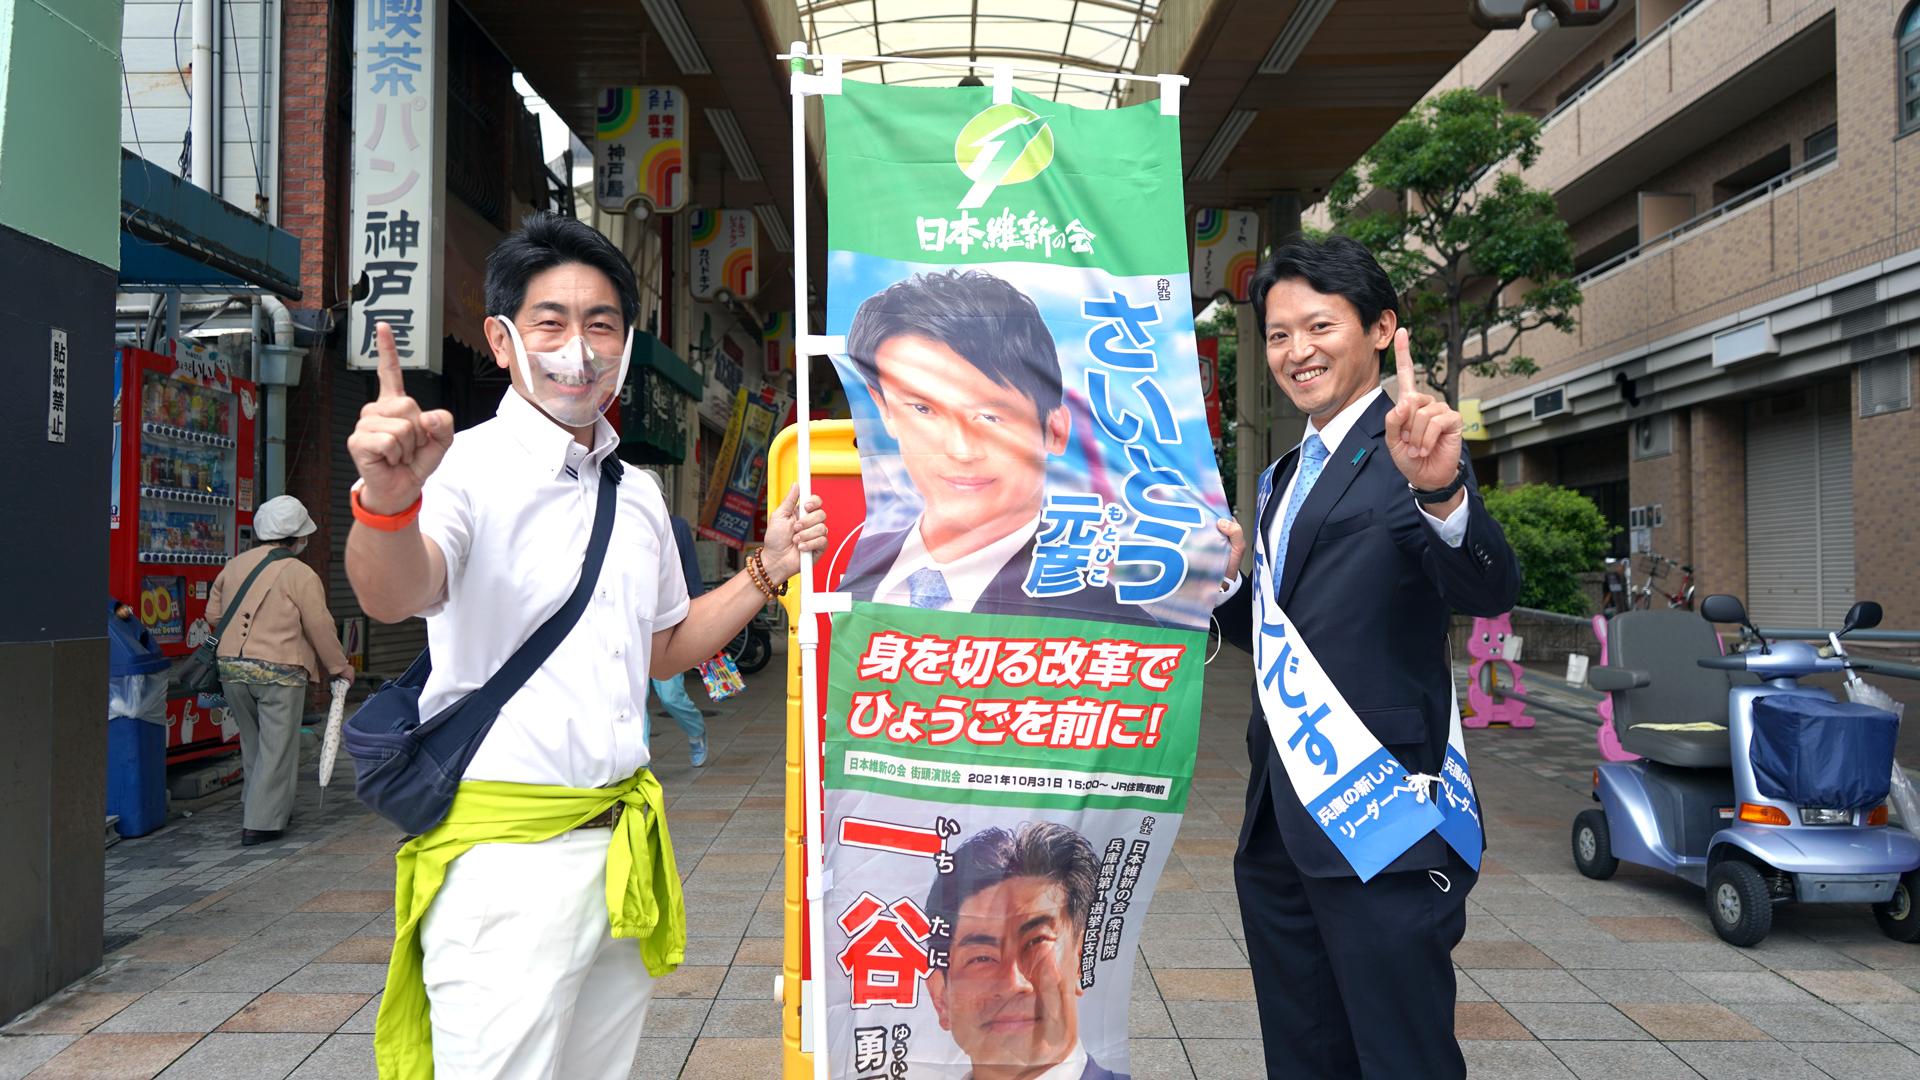 さいとう元彦さんと兵庫県第一選挙区で活動を致しました。